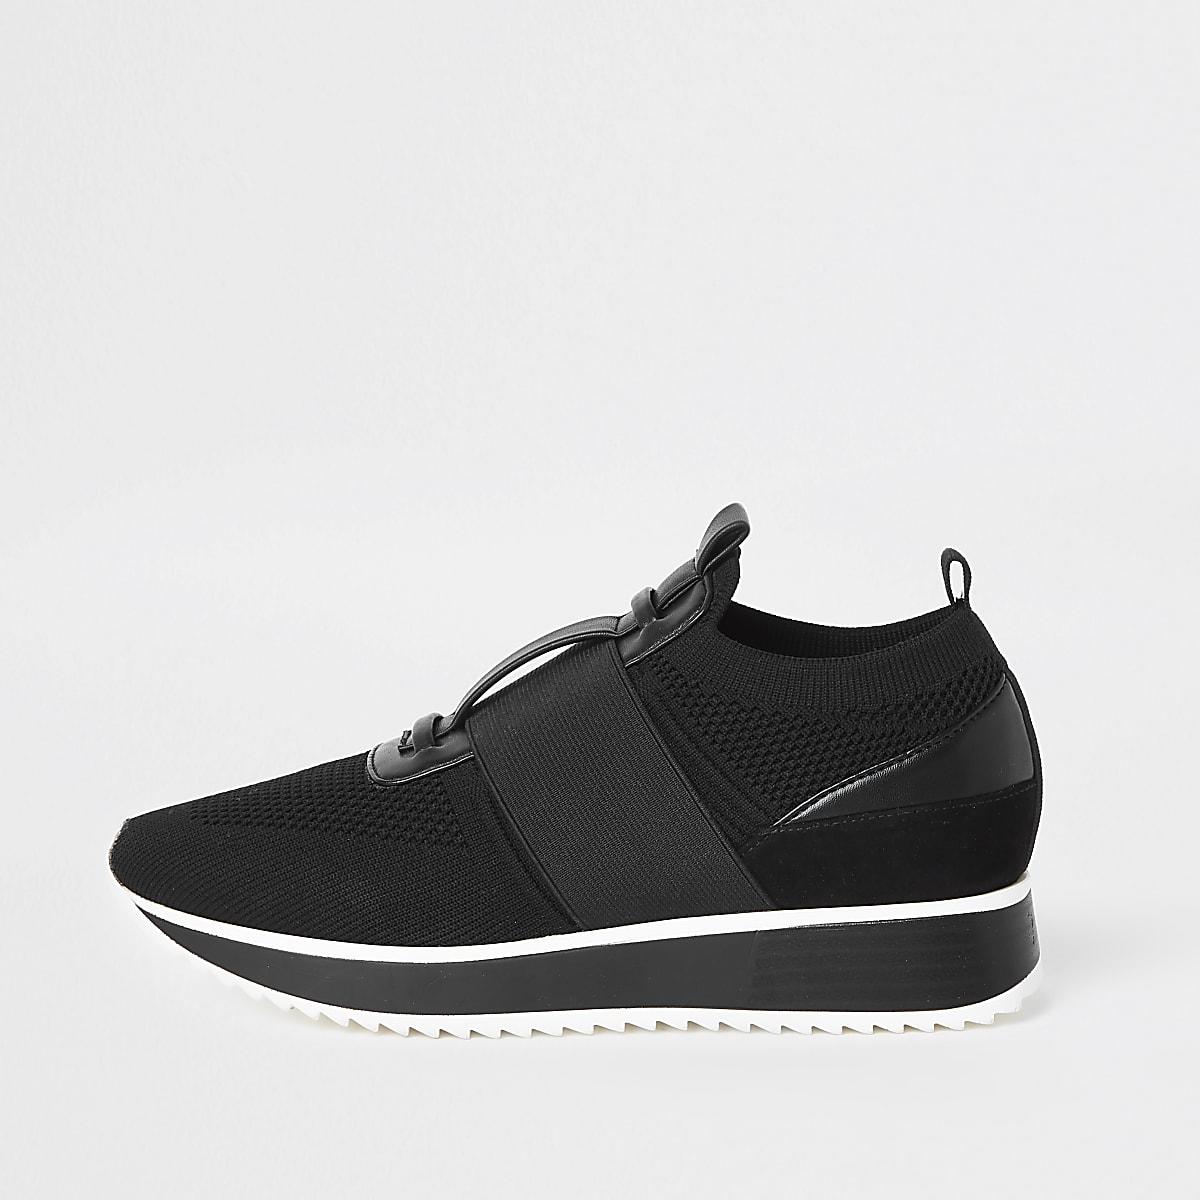 Zwarte gebreide elastische hardloopschoenen